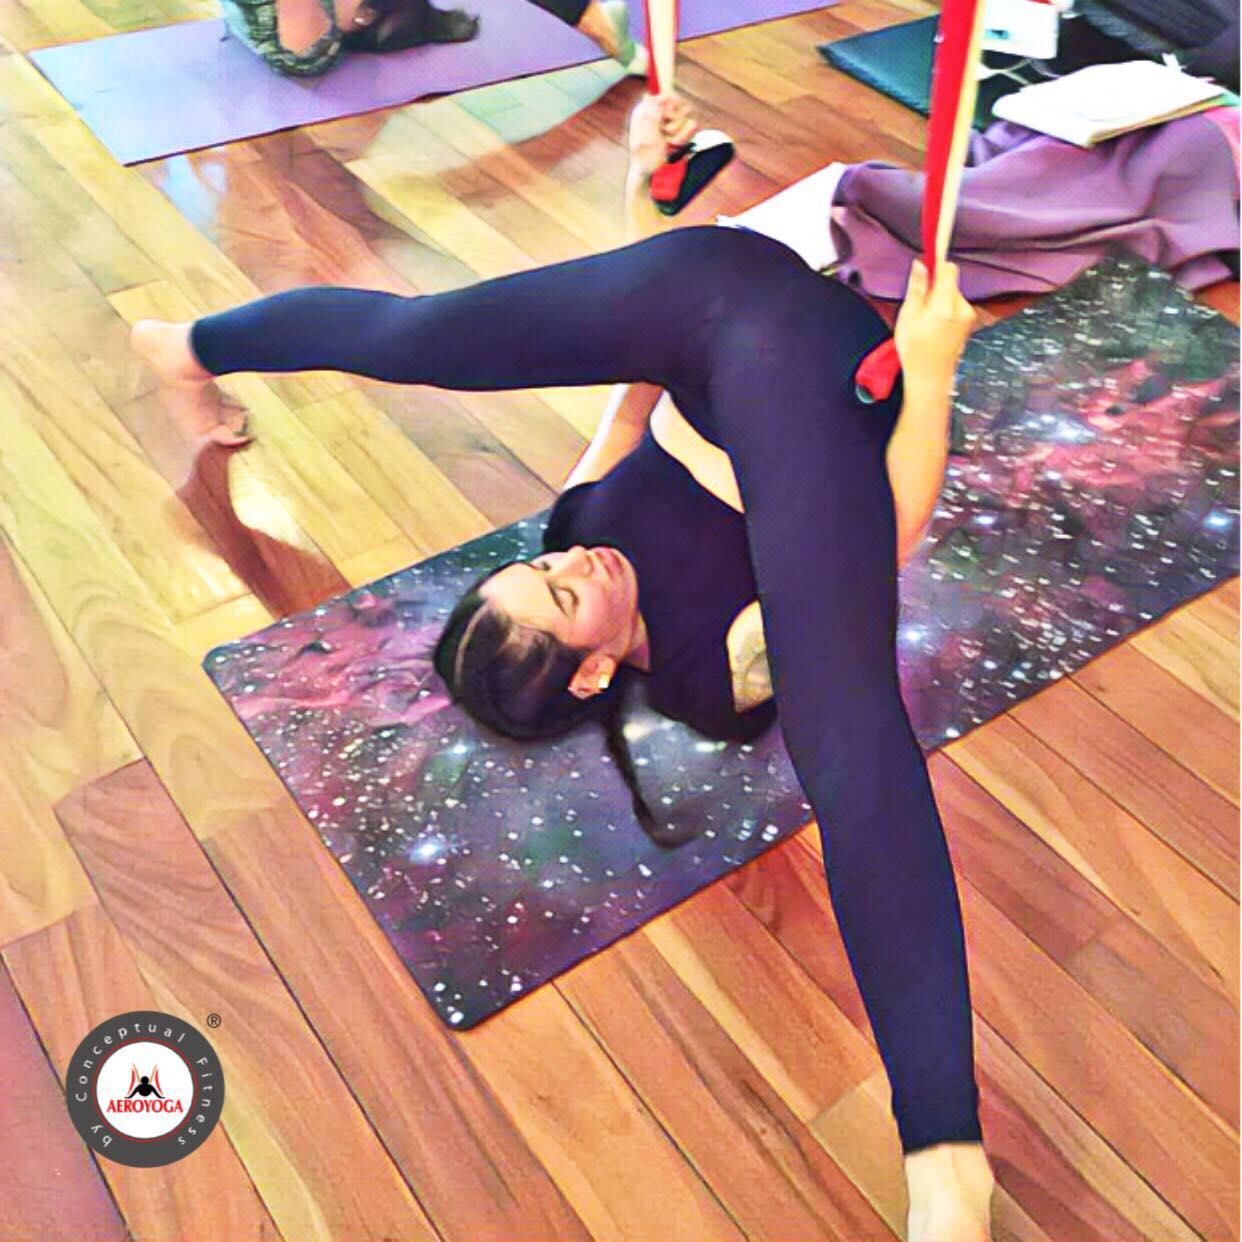 Formación Profesores Yoga Aéreo, Hoy Ejercicio del Arado en Suspensión con AeroYoga ® Institute